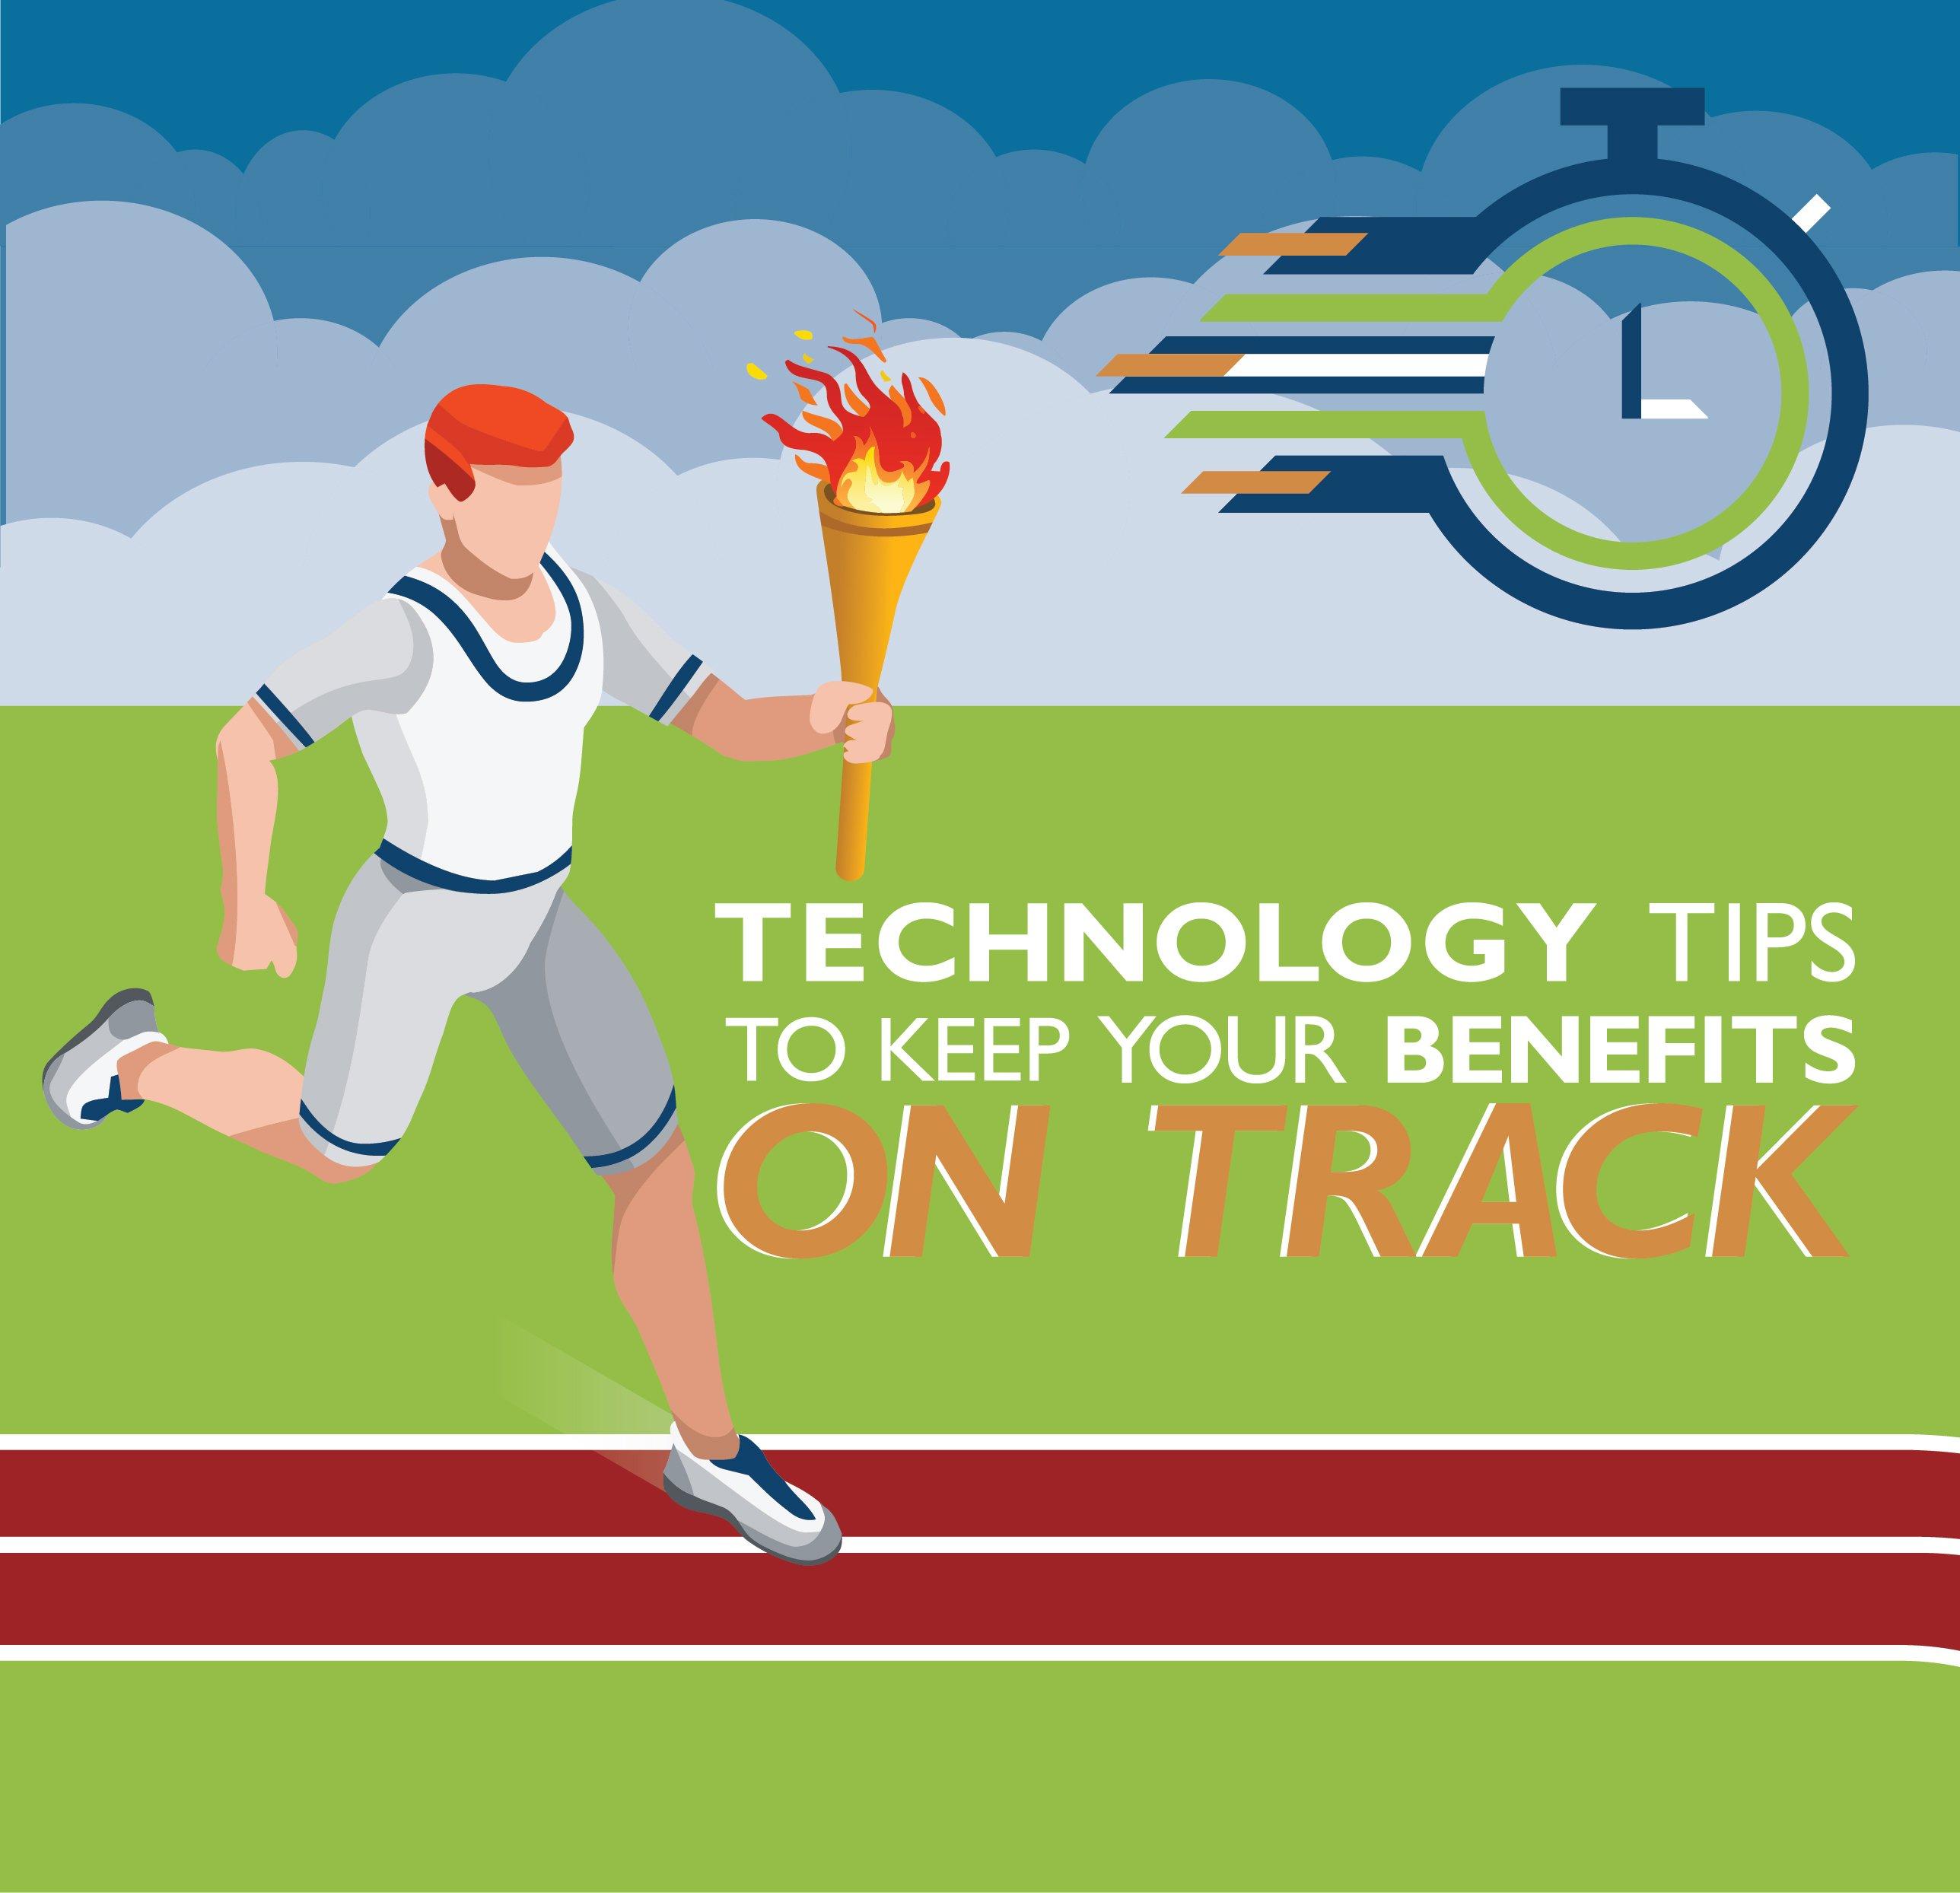 Tech_Tips_LP_Image-01